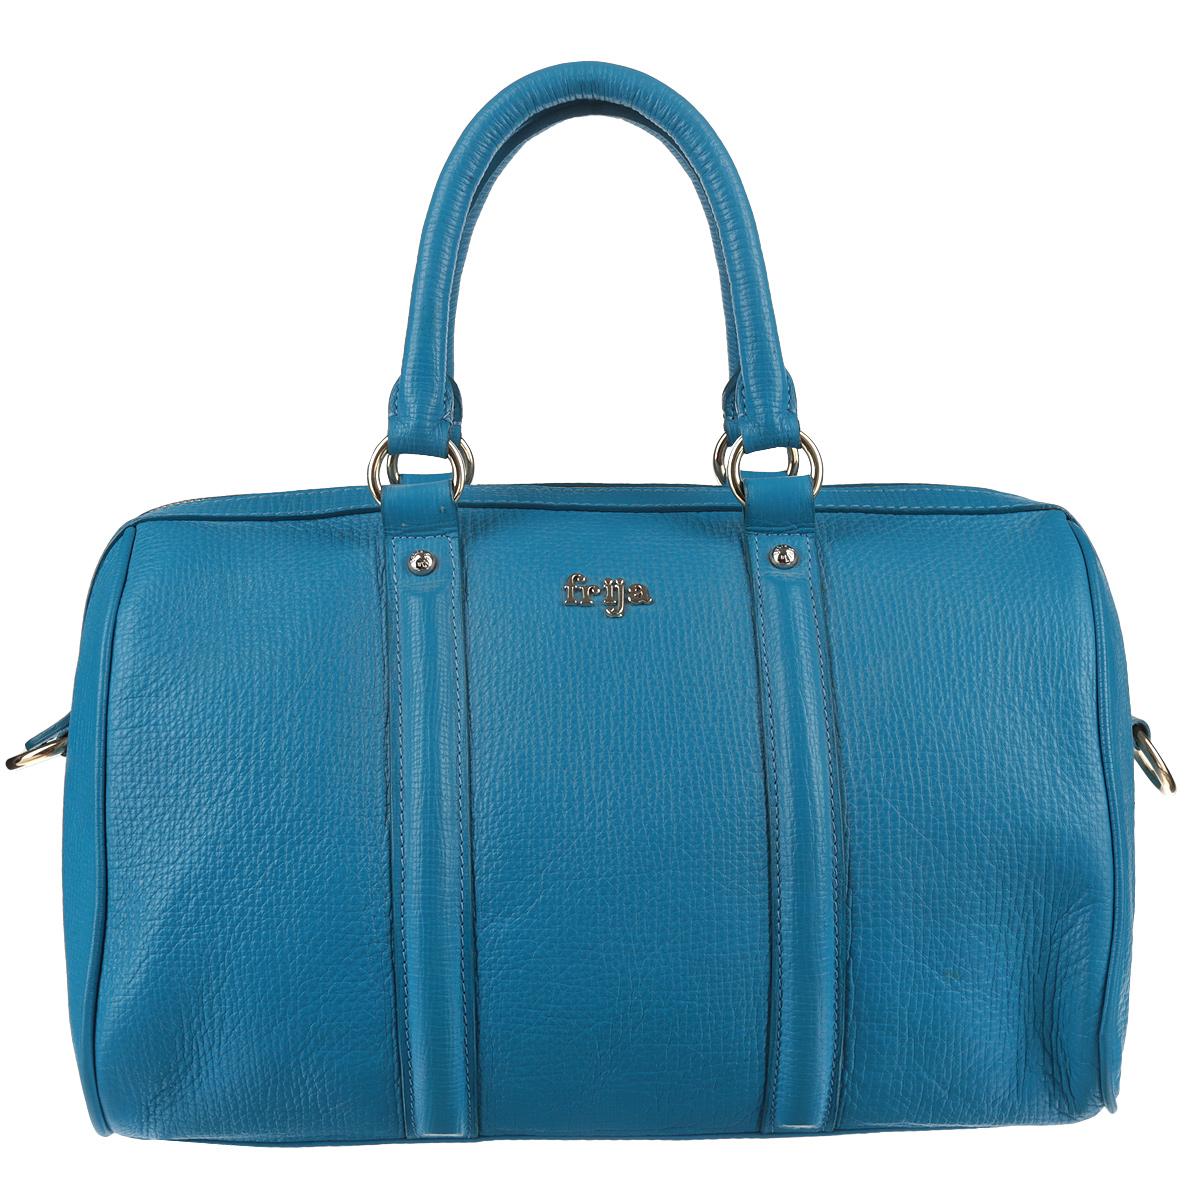 Сумка женская Frija, цвет: синий. 21-2056-11S76245Стильная женская сумка Frija выполнена из натуральной кожи с зернистым рисунком. Сумка имеет одно основное отделение, закрывающееся на металлическую молнию. Внутри - вшитый карман на молнии и один накладной карман для мобильного телефона и других мелочей. Сумка оснащена двумя ручками, крепящимися при помощи фурнитуры золотого цвета. Высота ручек 13 см.В комплекте чехол для хранения.Роскошная сумка внесёт элегантные нотки в ваш образ и подчеркнёт отменное чувство стиля.